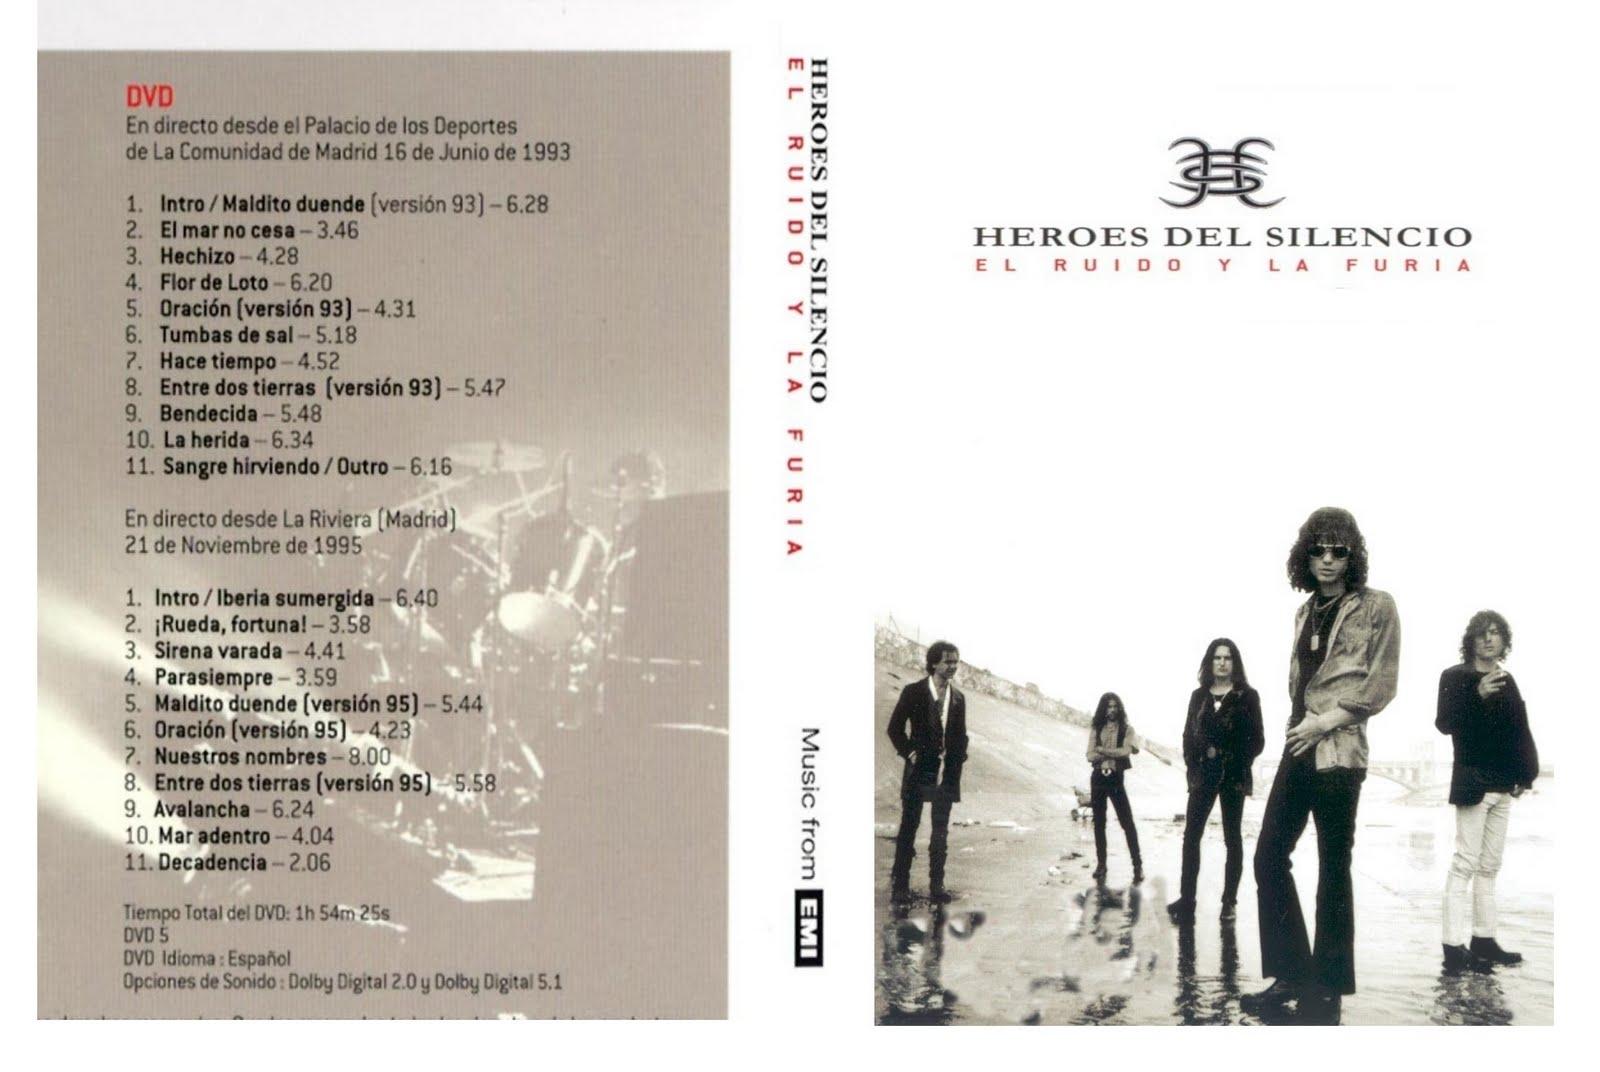 H roes del silencio 16 discografias completas bonus extras gratis descarga download city